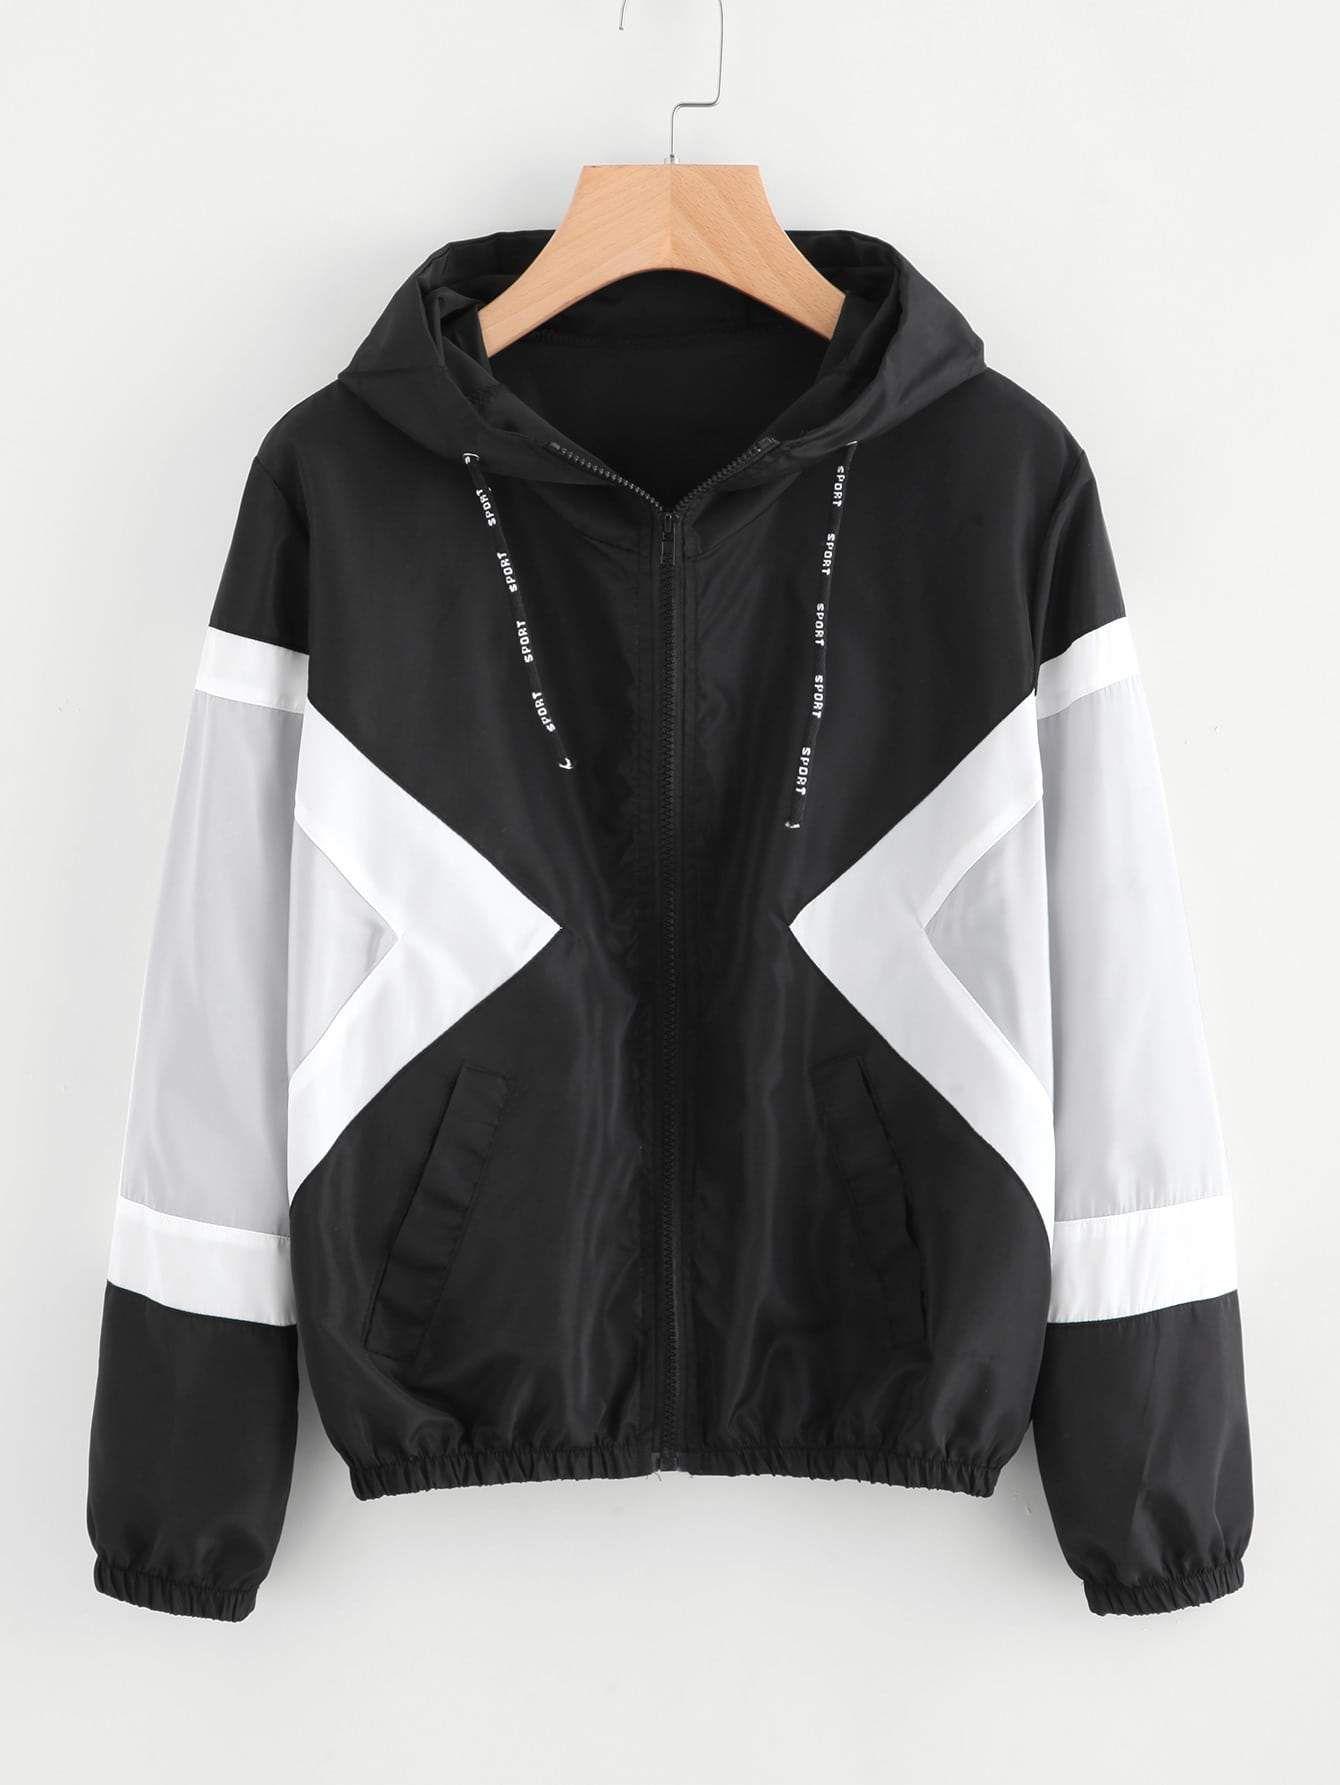 Contrast Panel Hooded Jacket   Coats jackets women, Women's